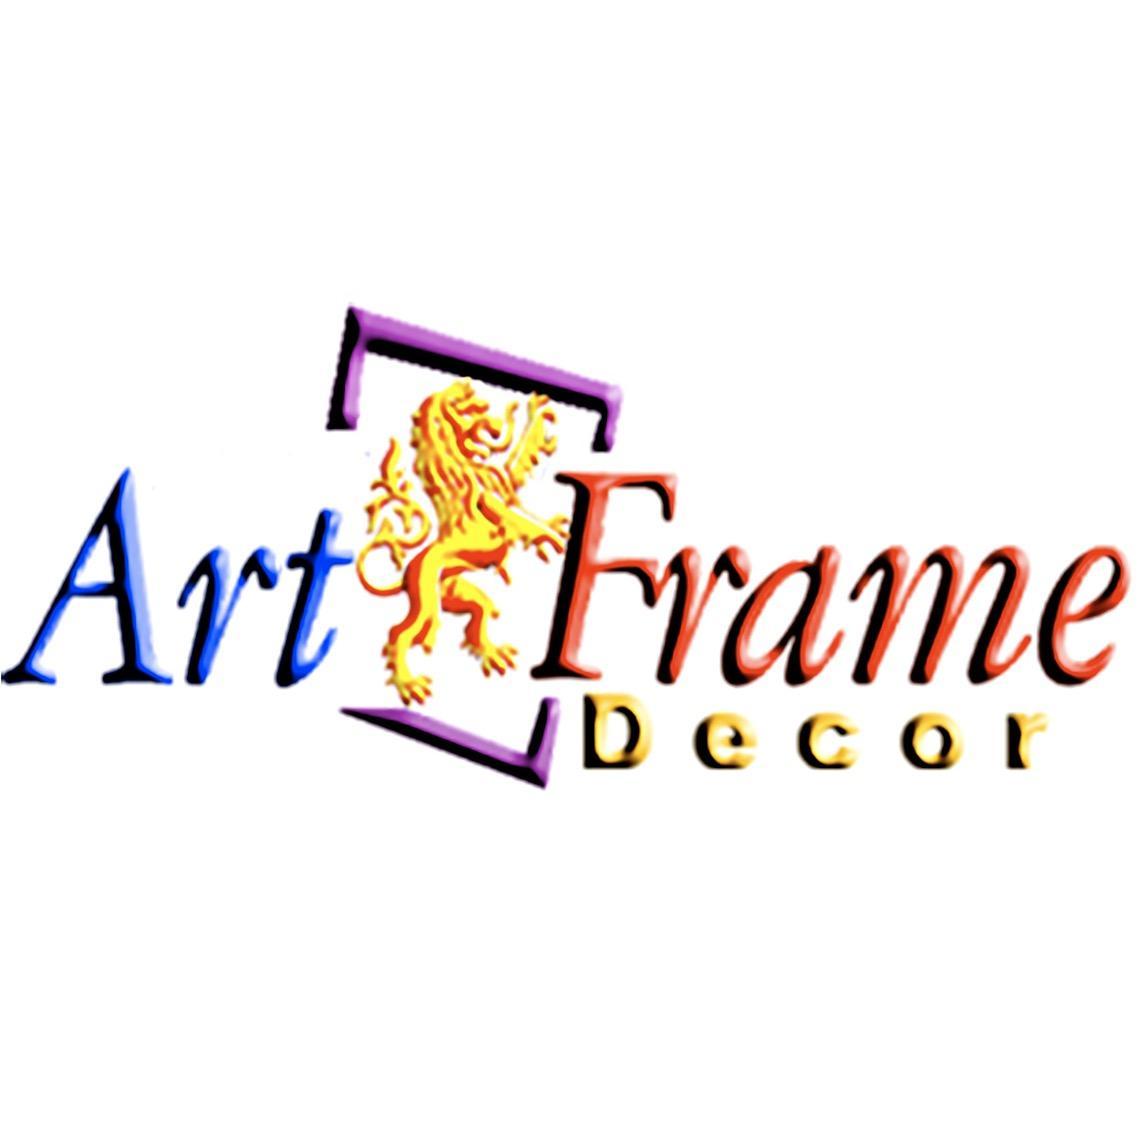 Art Frame Decor